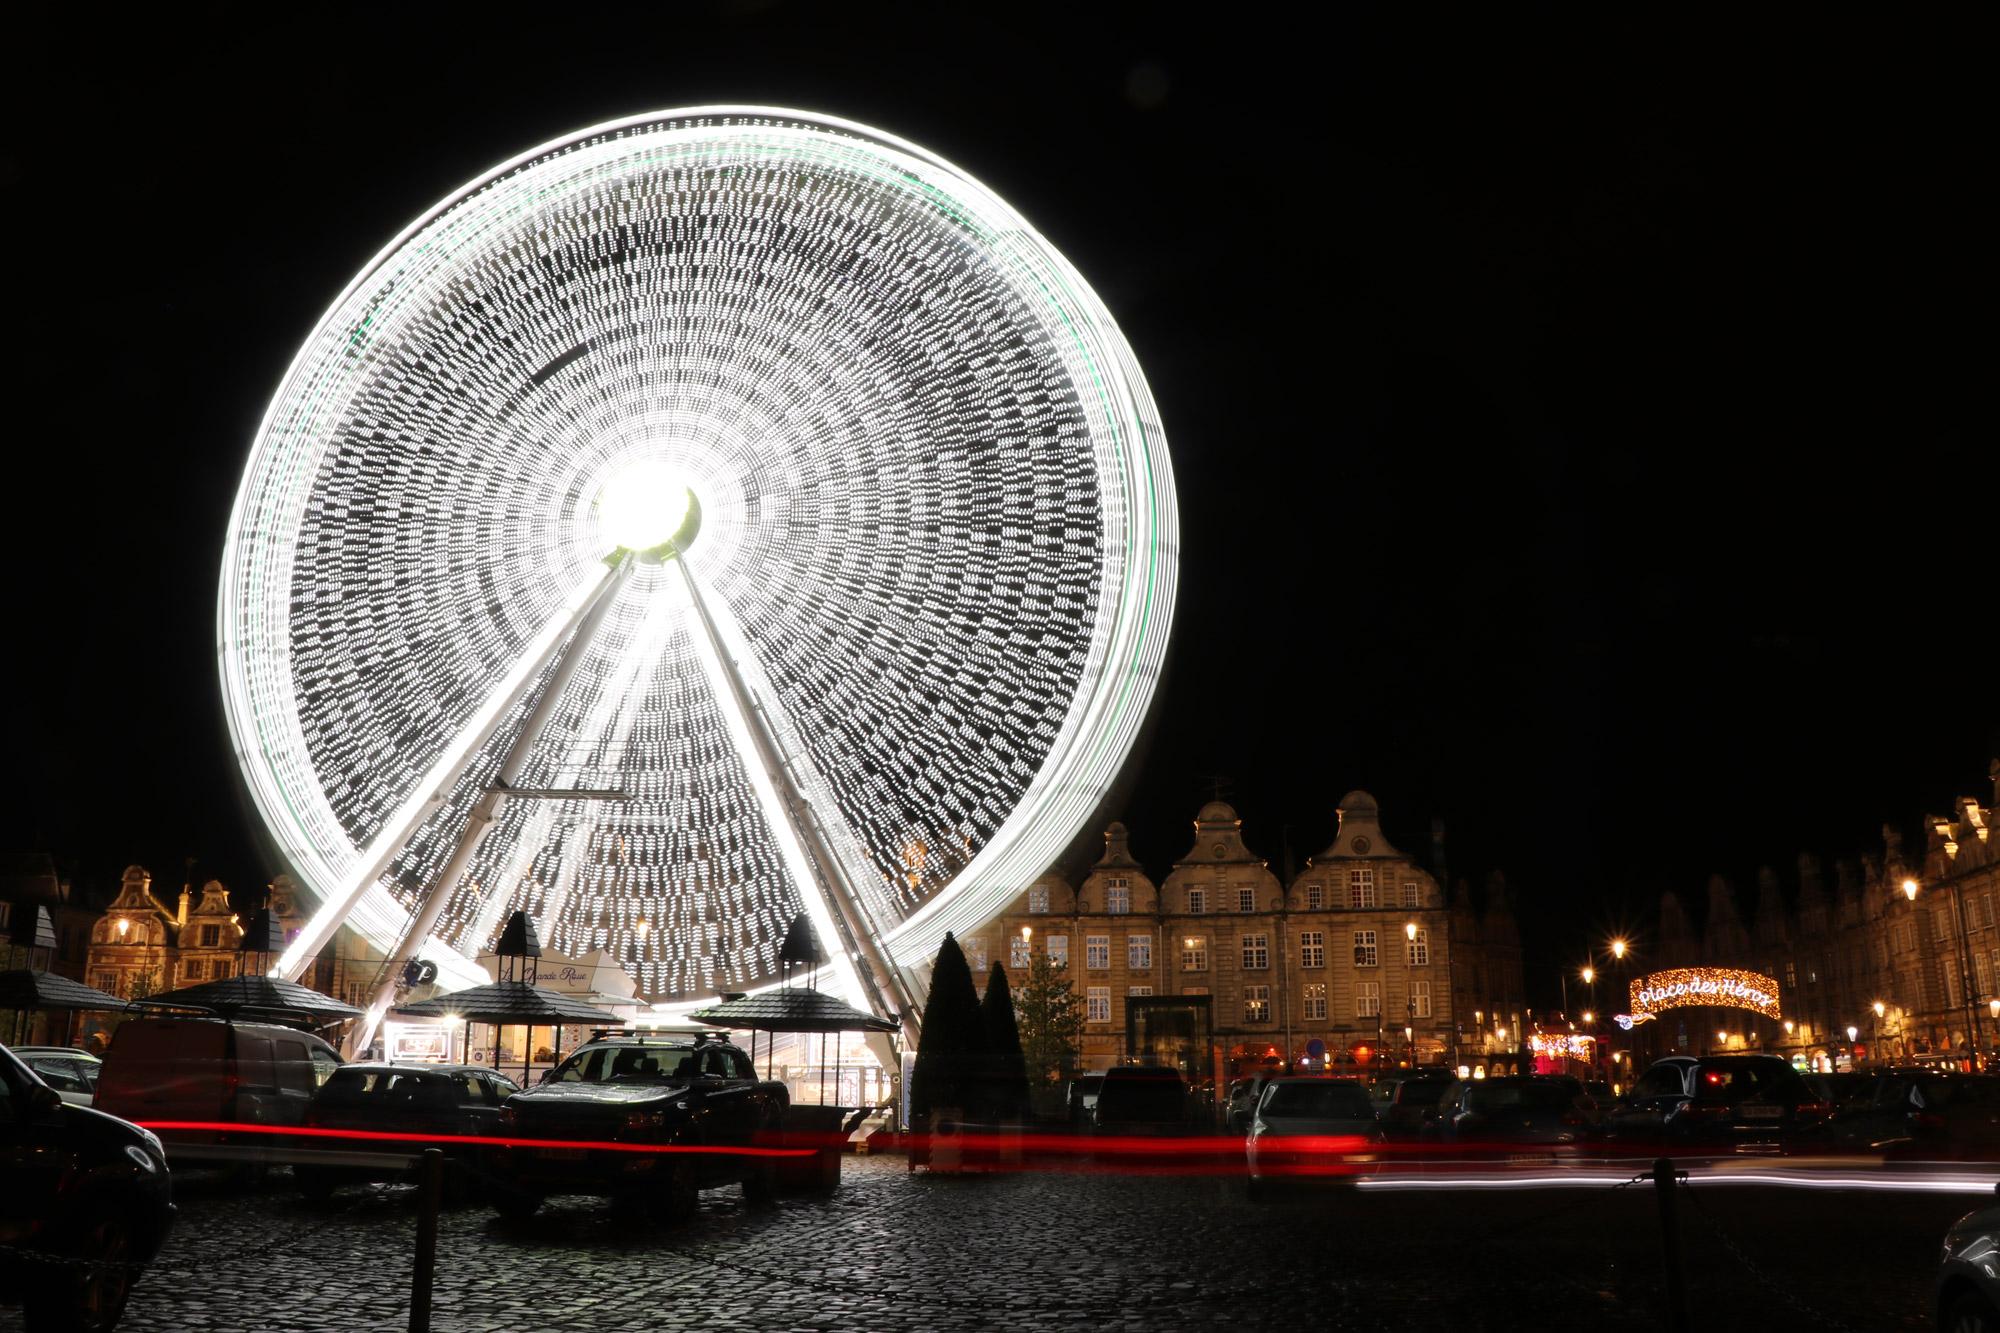 Stedentrip Arras - Lichtshow op het Grand Place